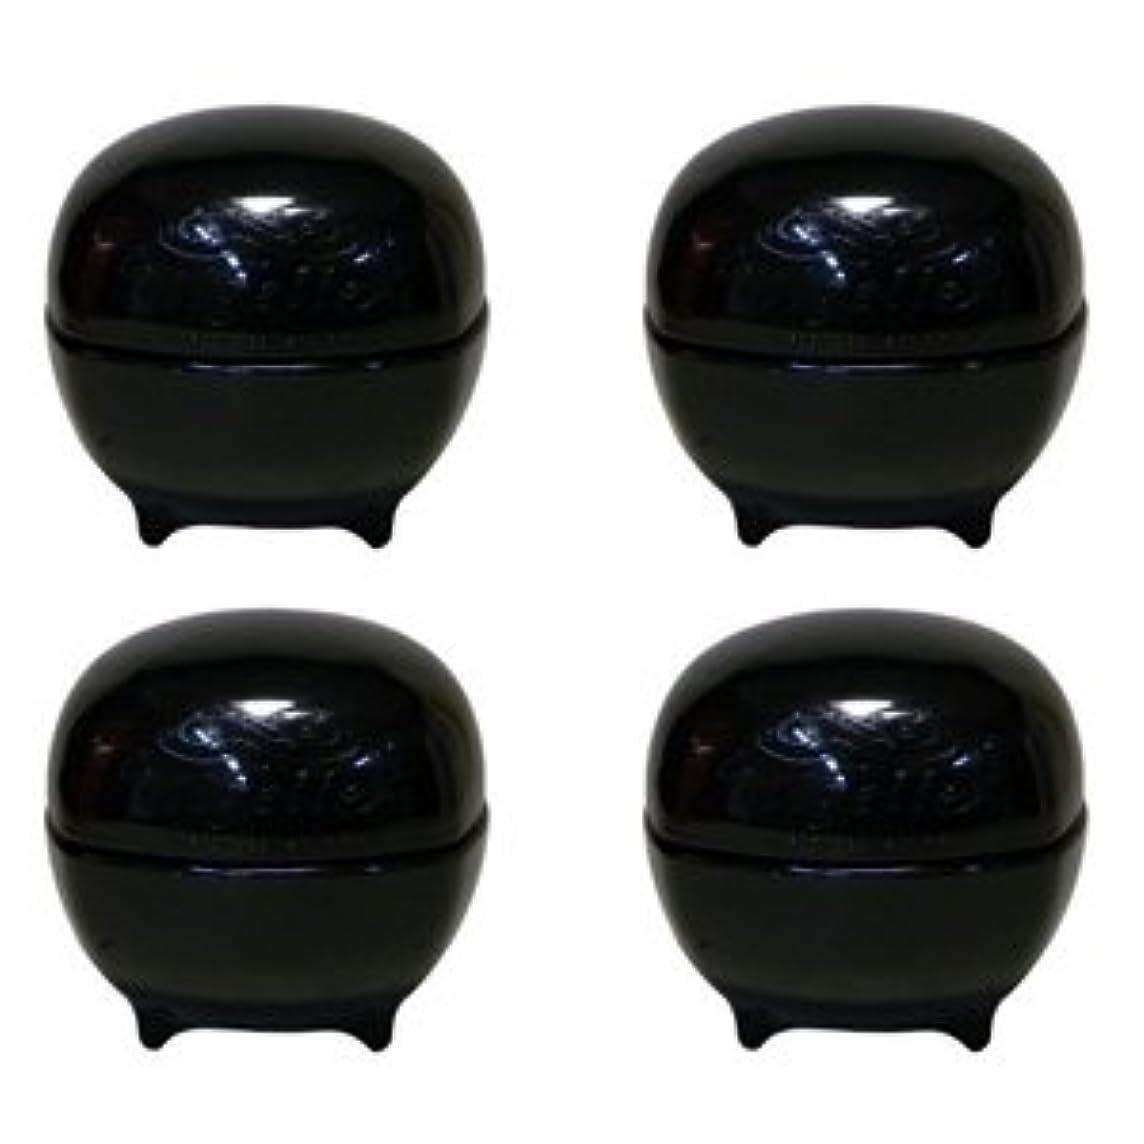 悲劇的なシネウィメイン【X4個セット】 ミルボン ニゼル グラスプワックス 80g (ニゼルドレシアコレクション) GRASP WAX MILBON